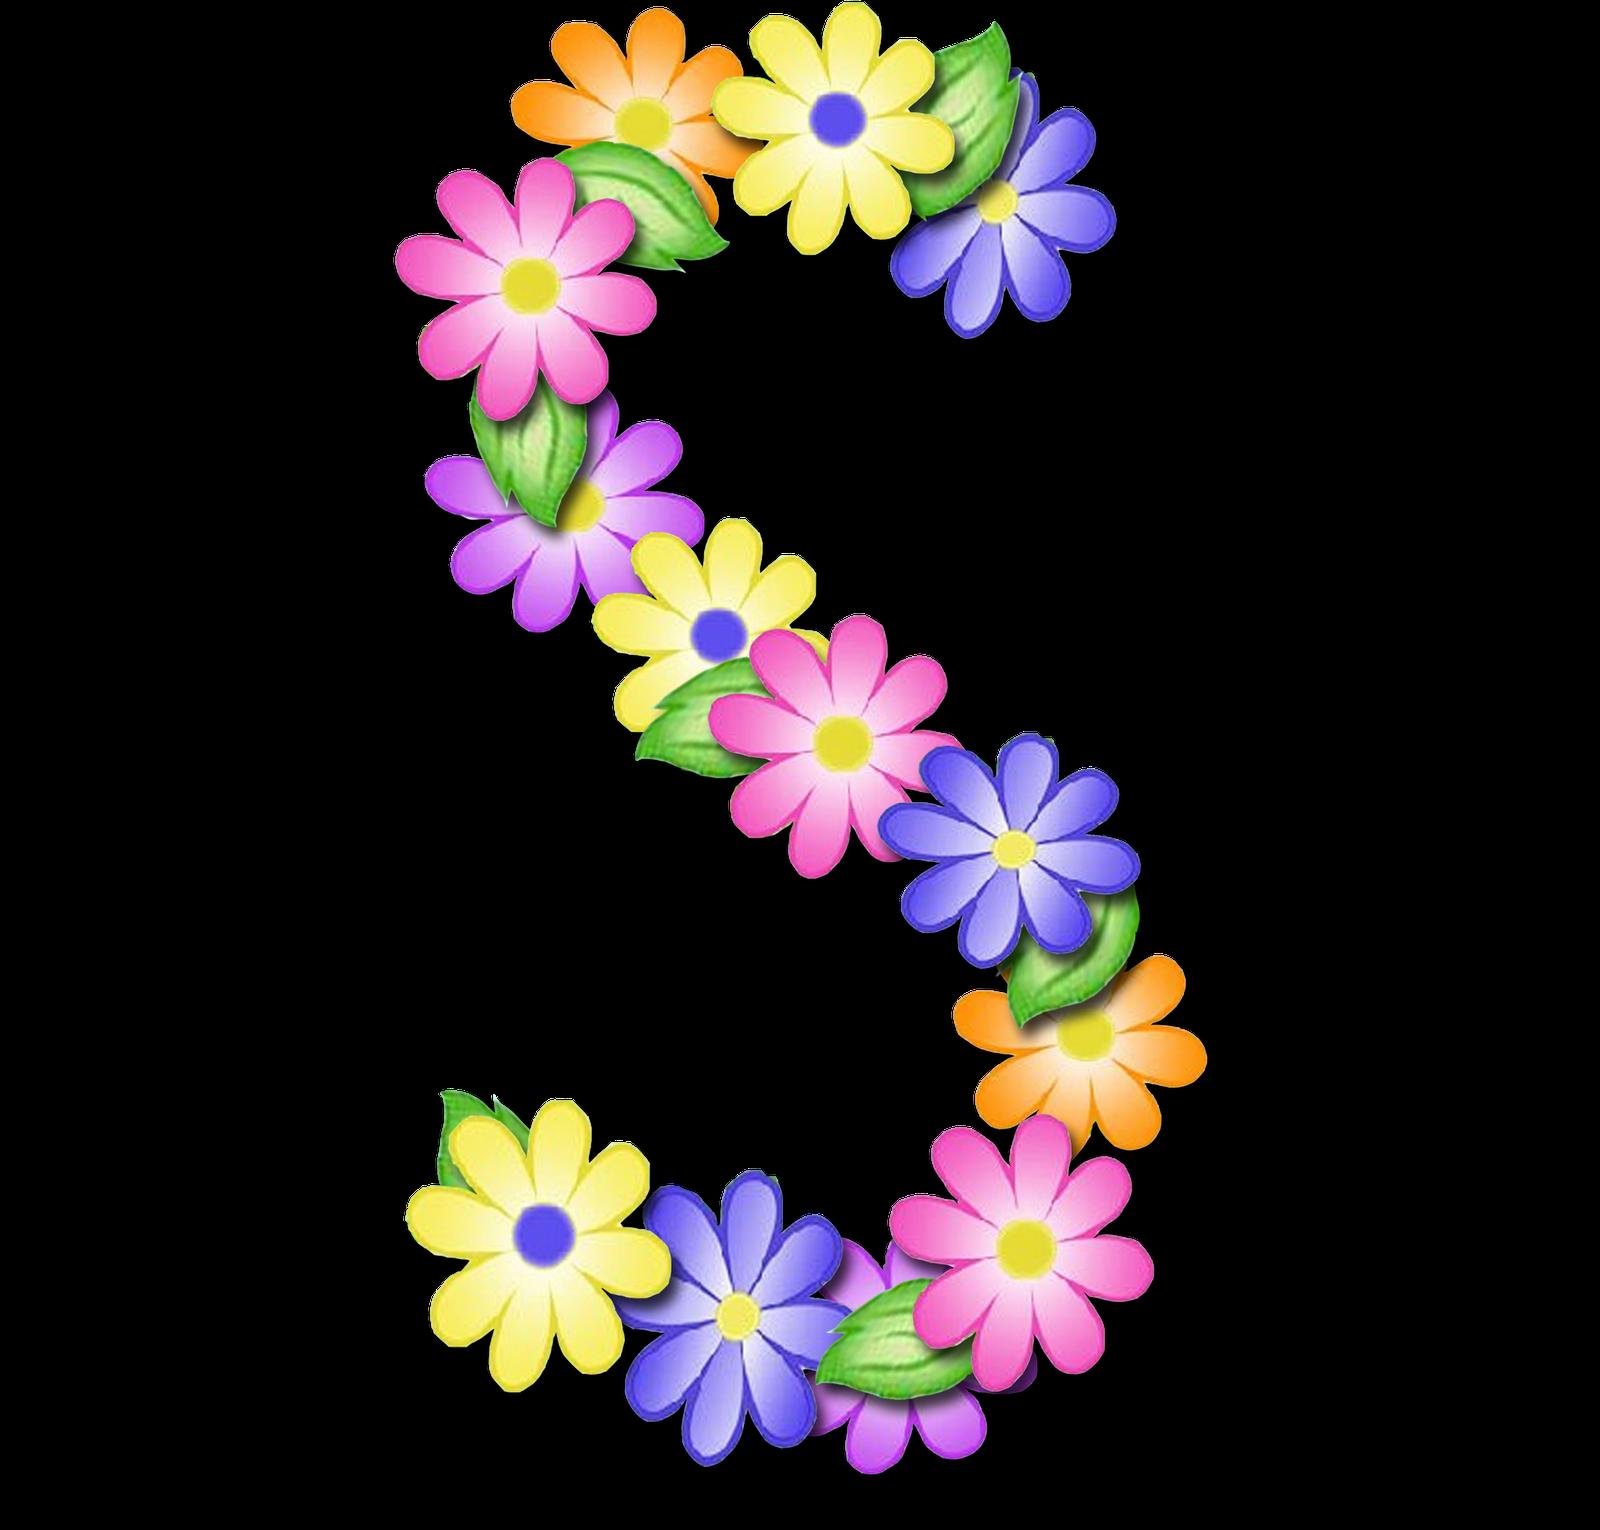 Floral clipart pastel. Alfabeto abc png letras